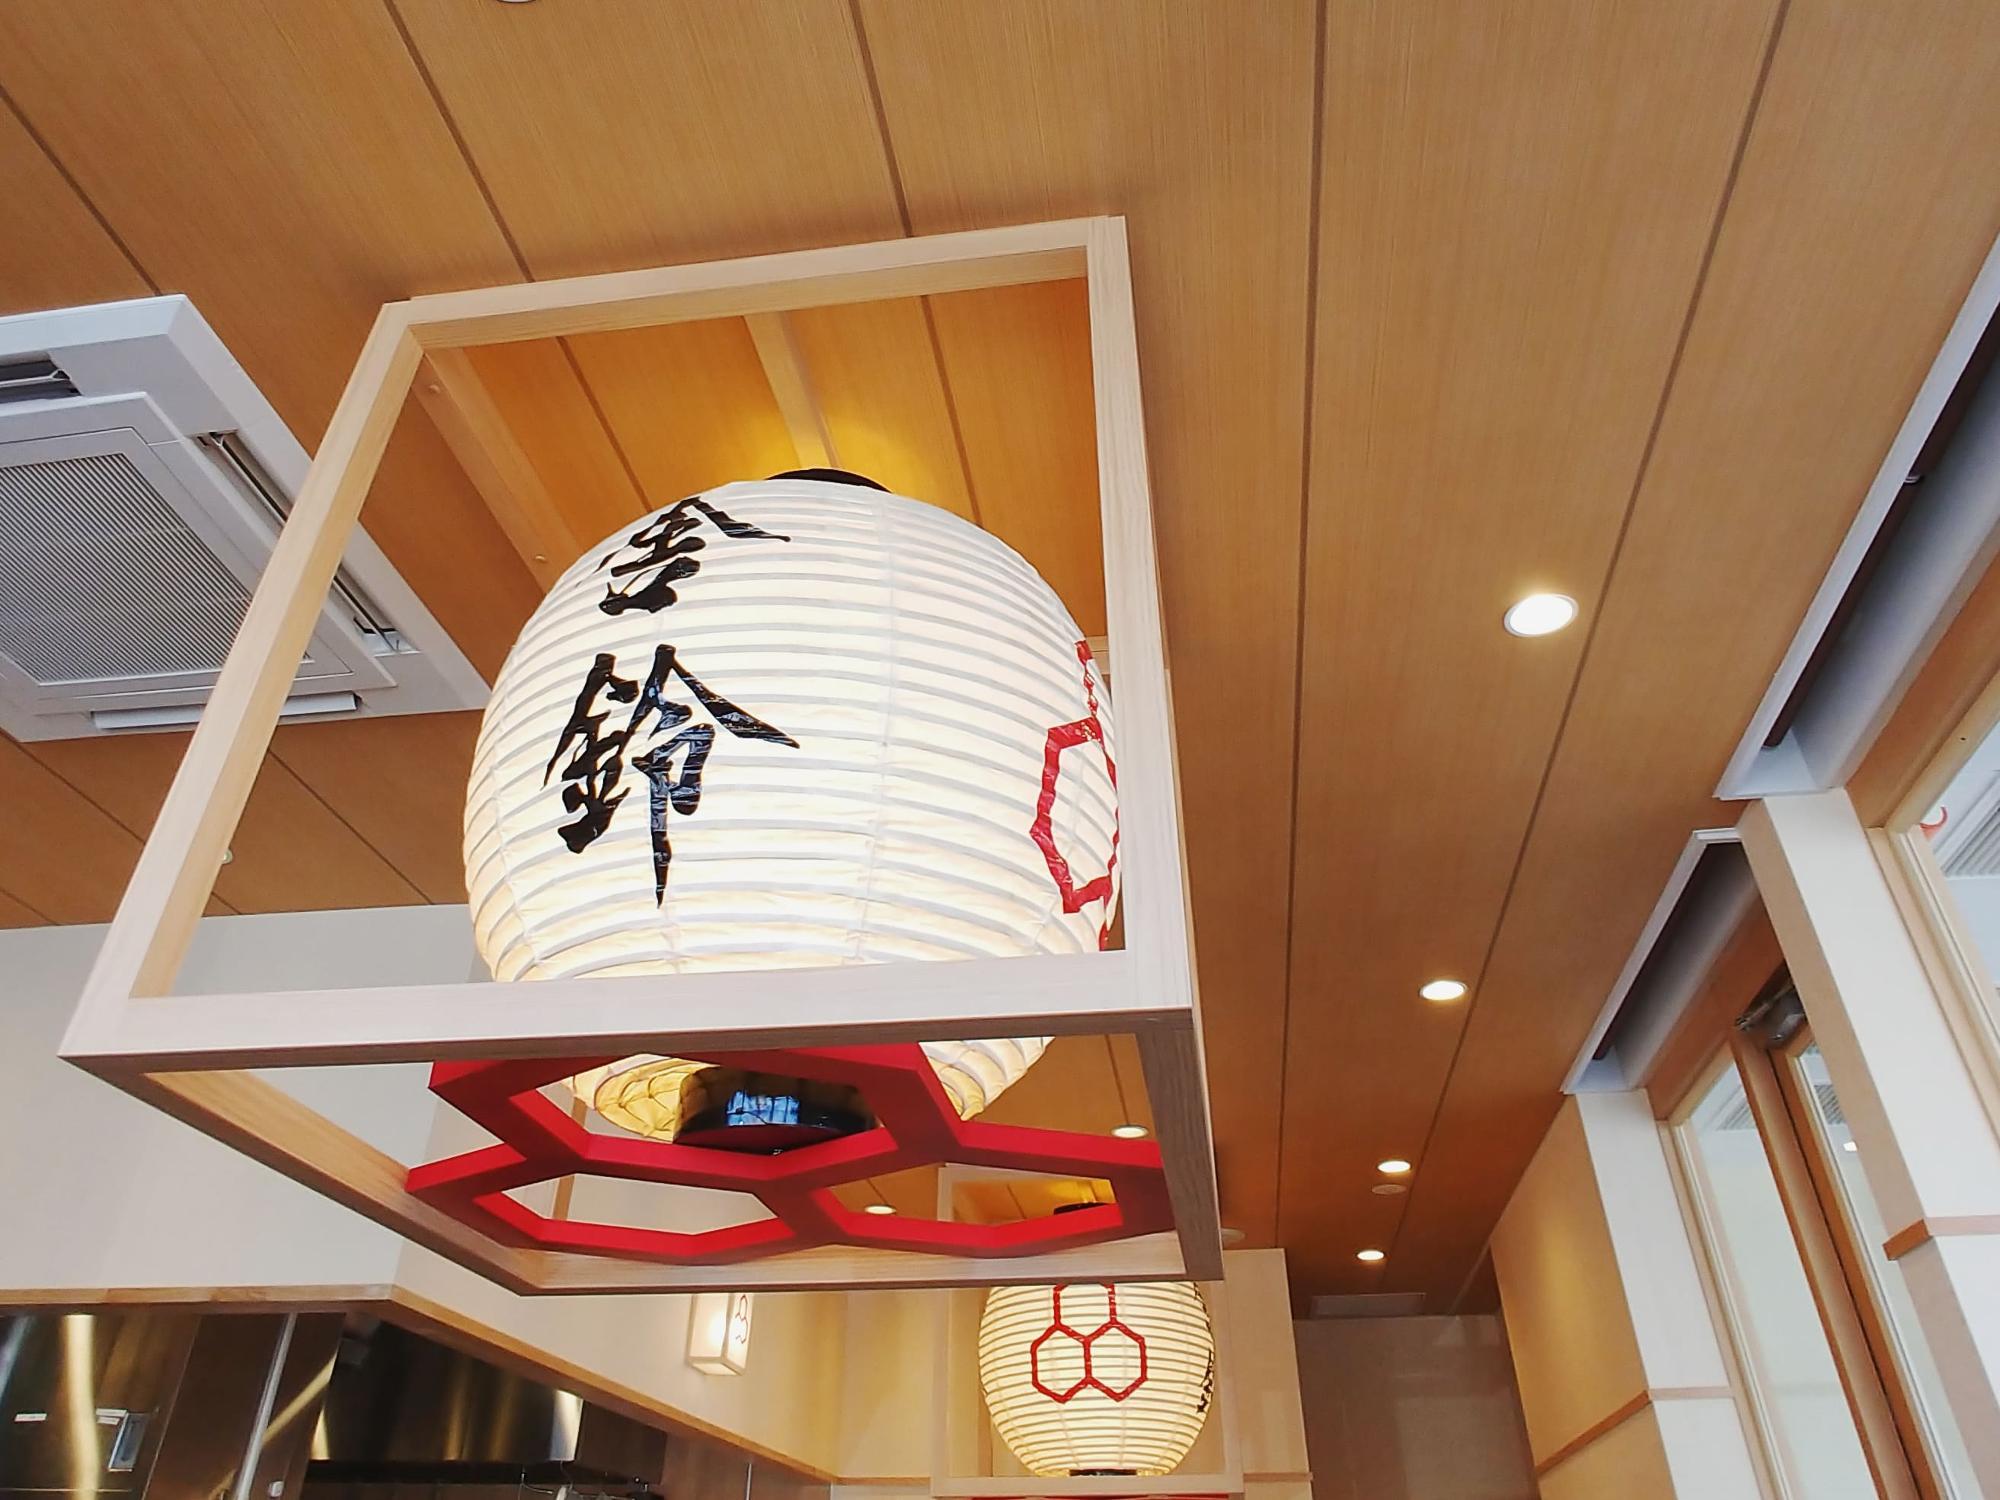 お客さんが写らぬよう店内を見回した結果、天井をパチリ。洒落ている旅館のようですね。